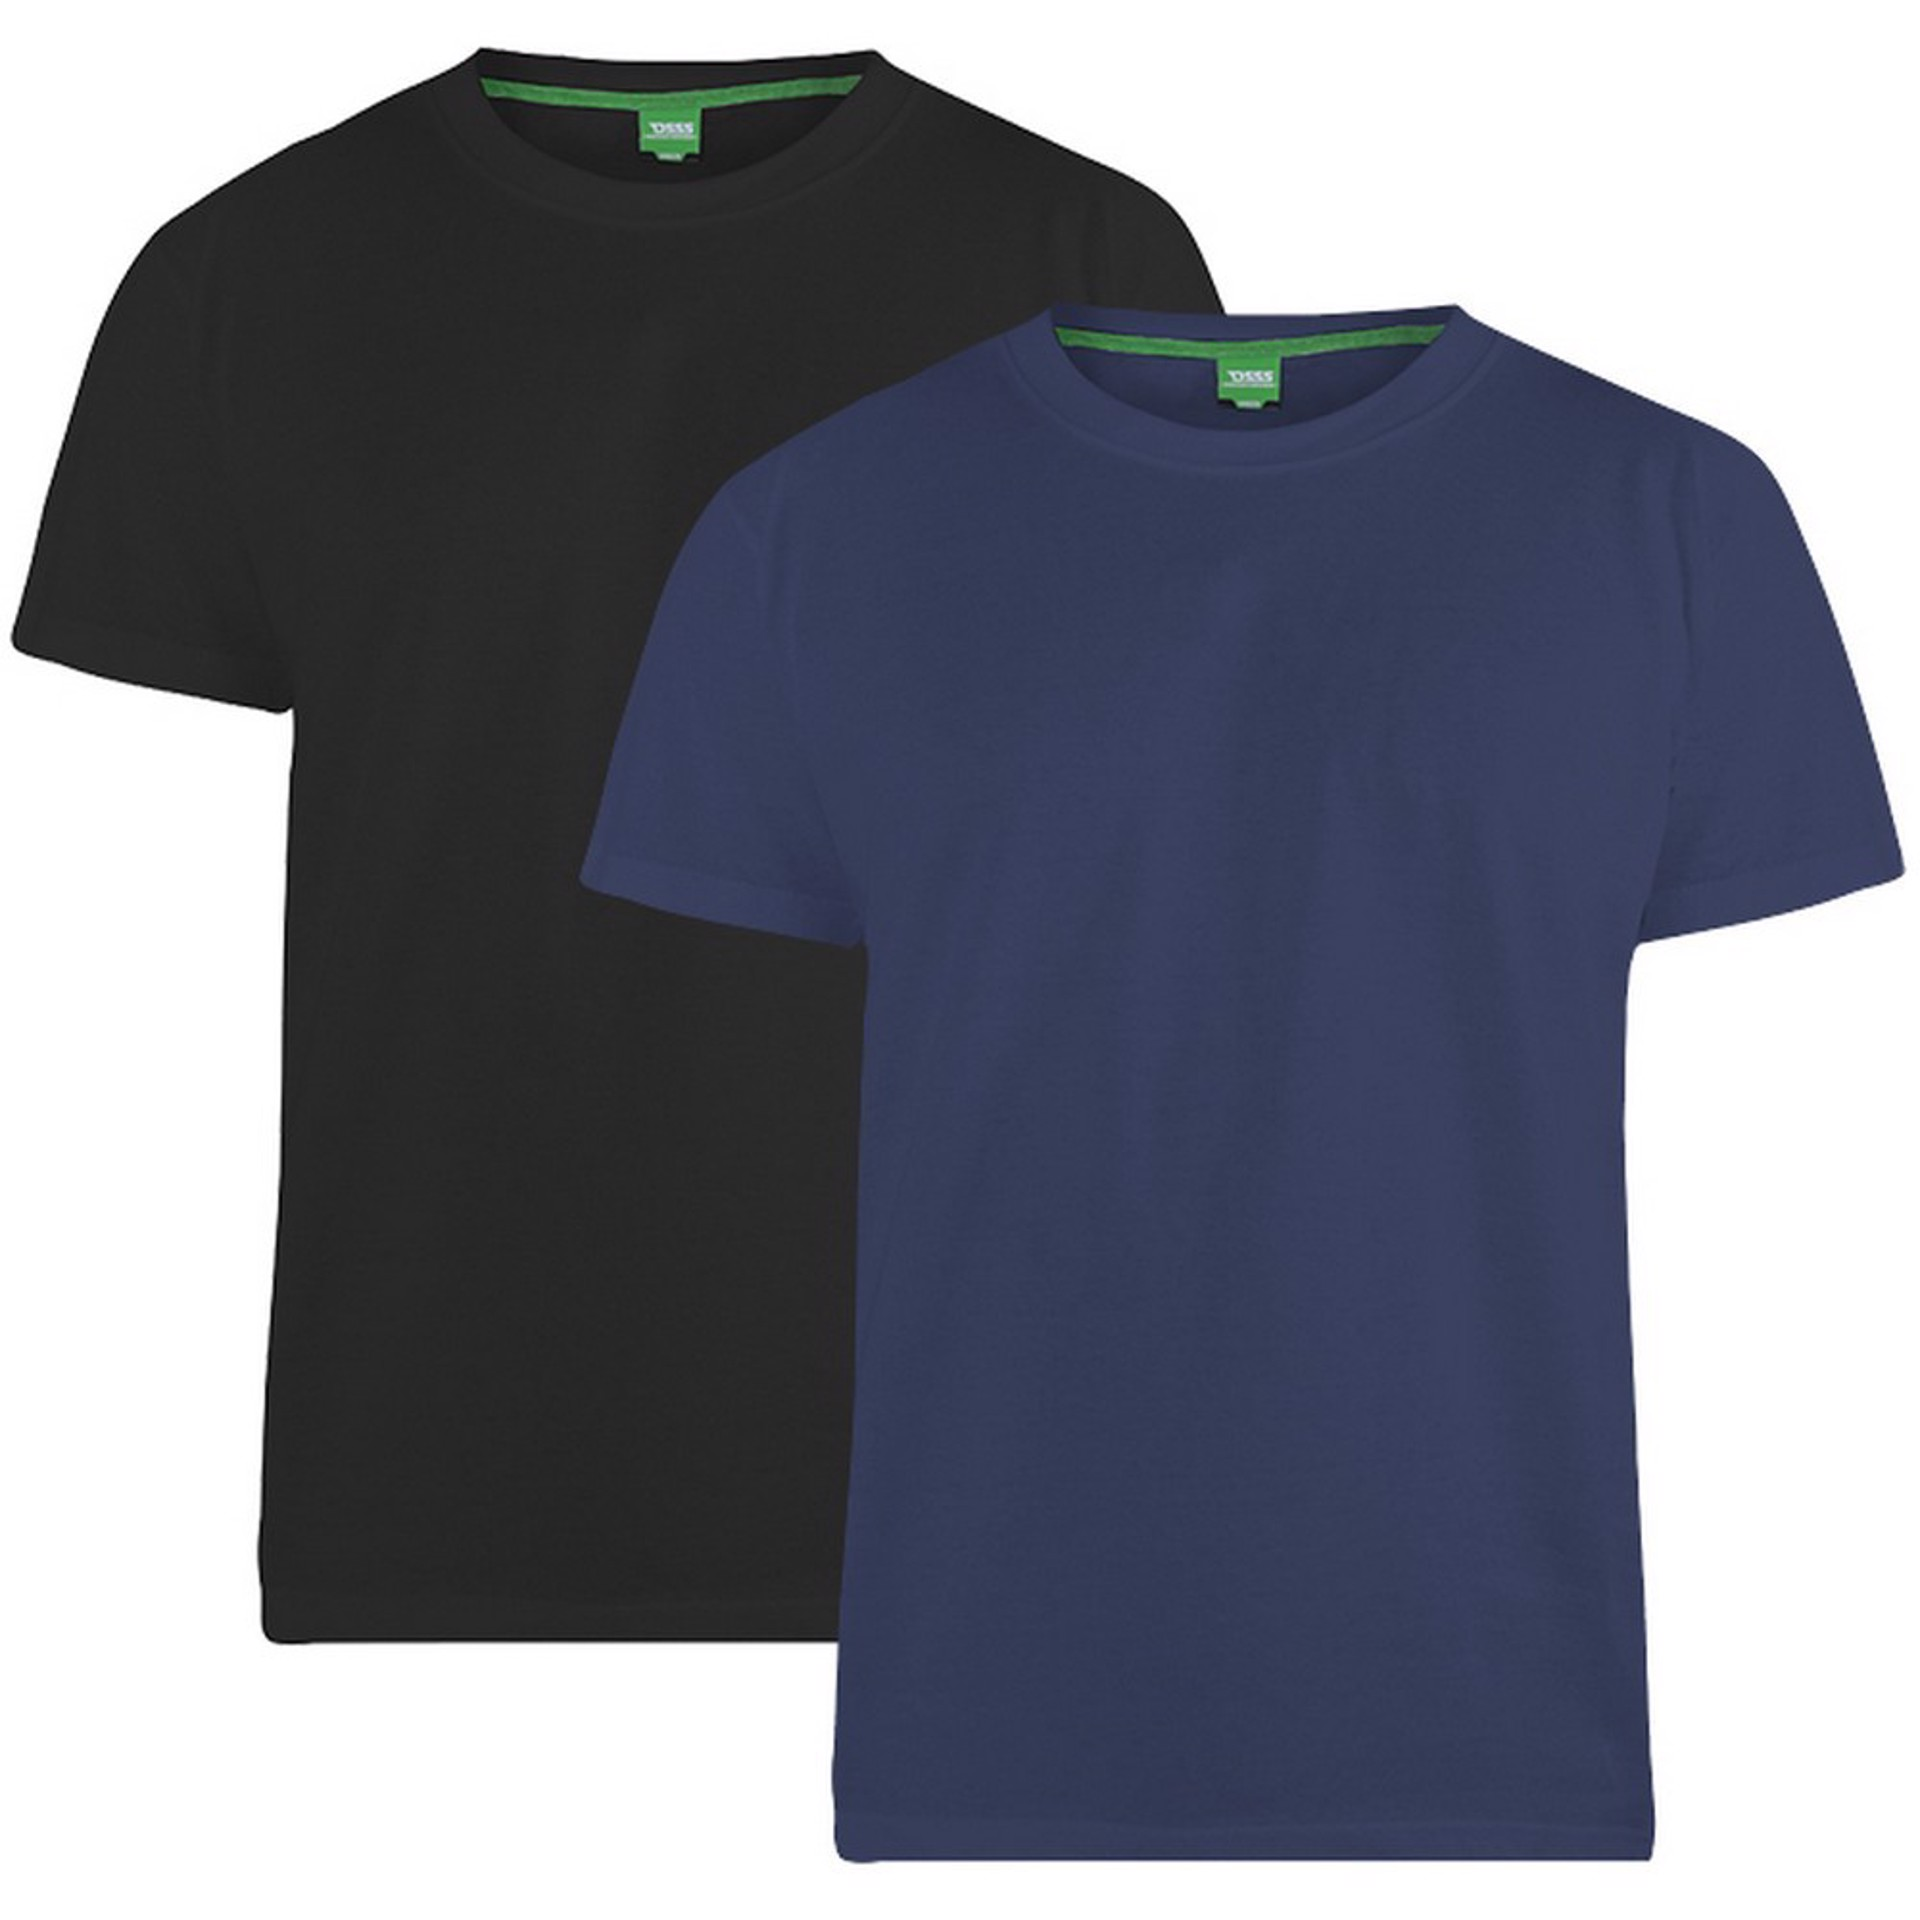 """2-pack T-shirts """"Fenton"""" van merk D555 in de kleuren zwart en navy, gemaakt van 100% katoen."""